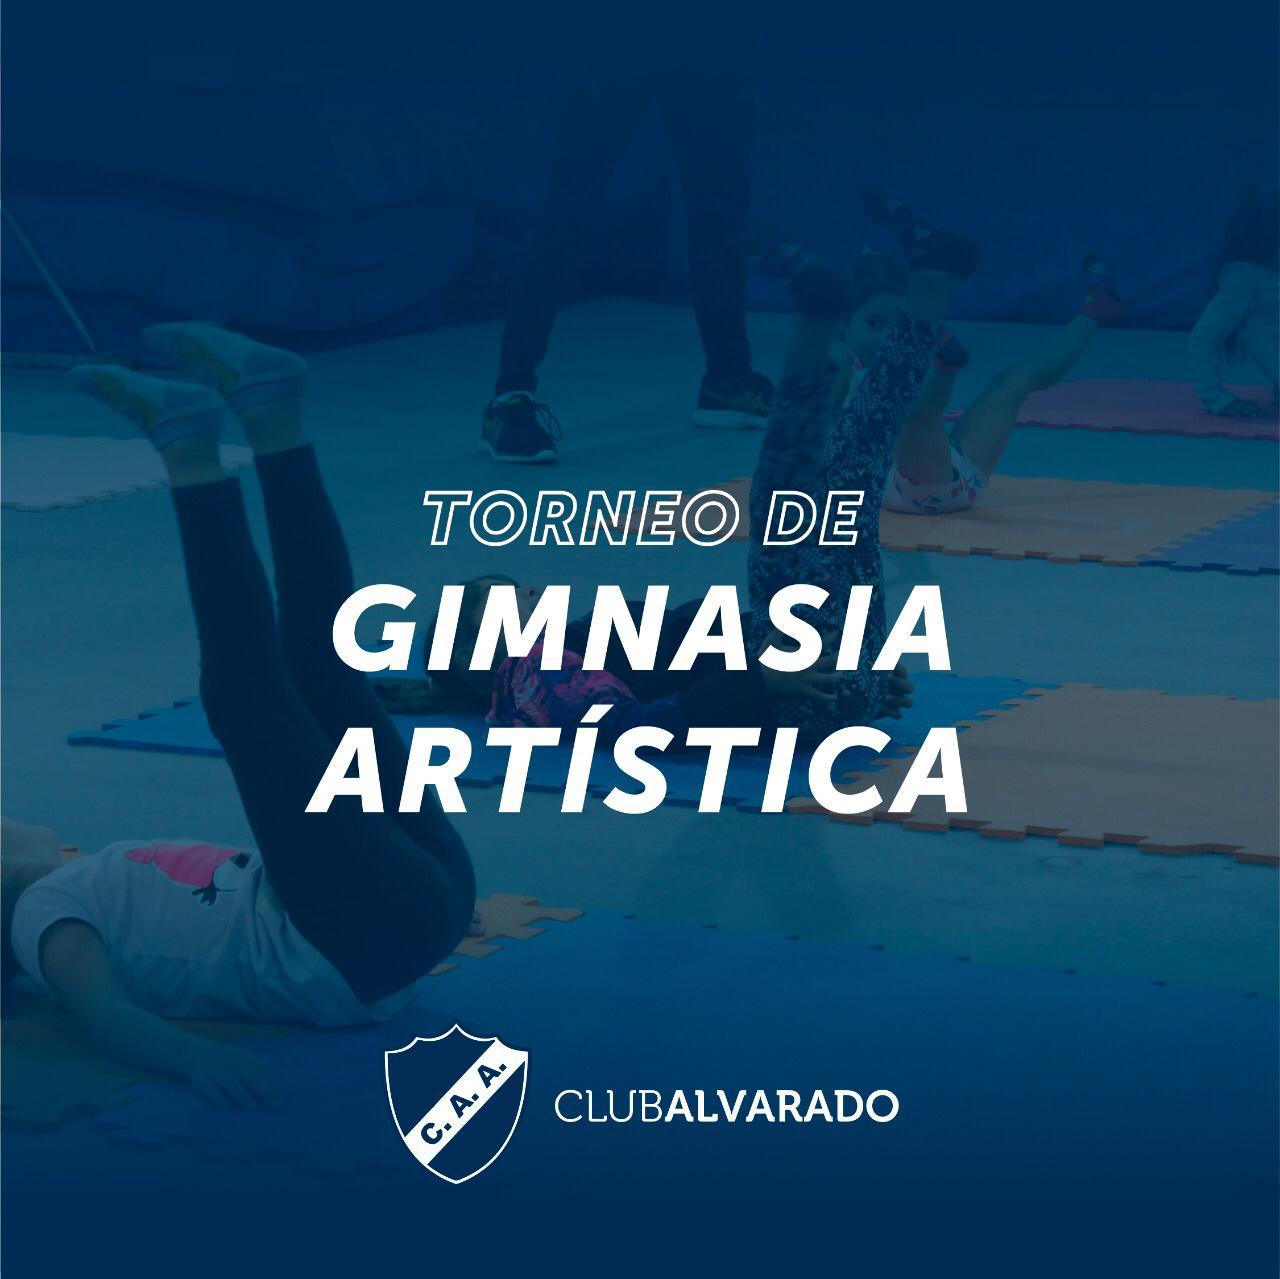 Torneo de Gimnasia Artística